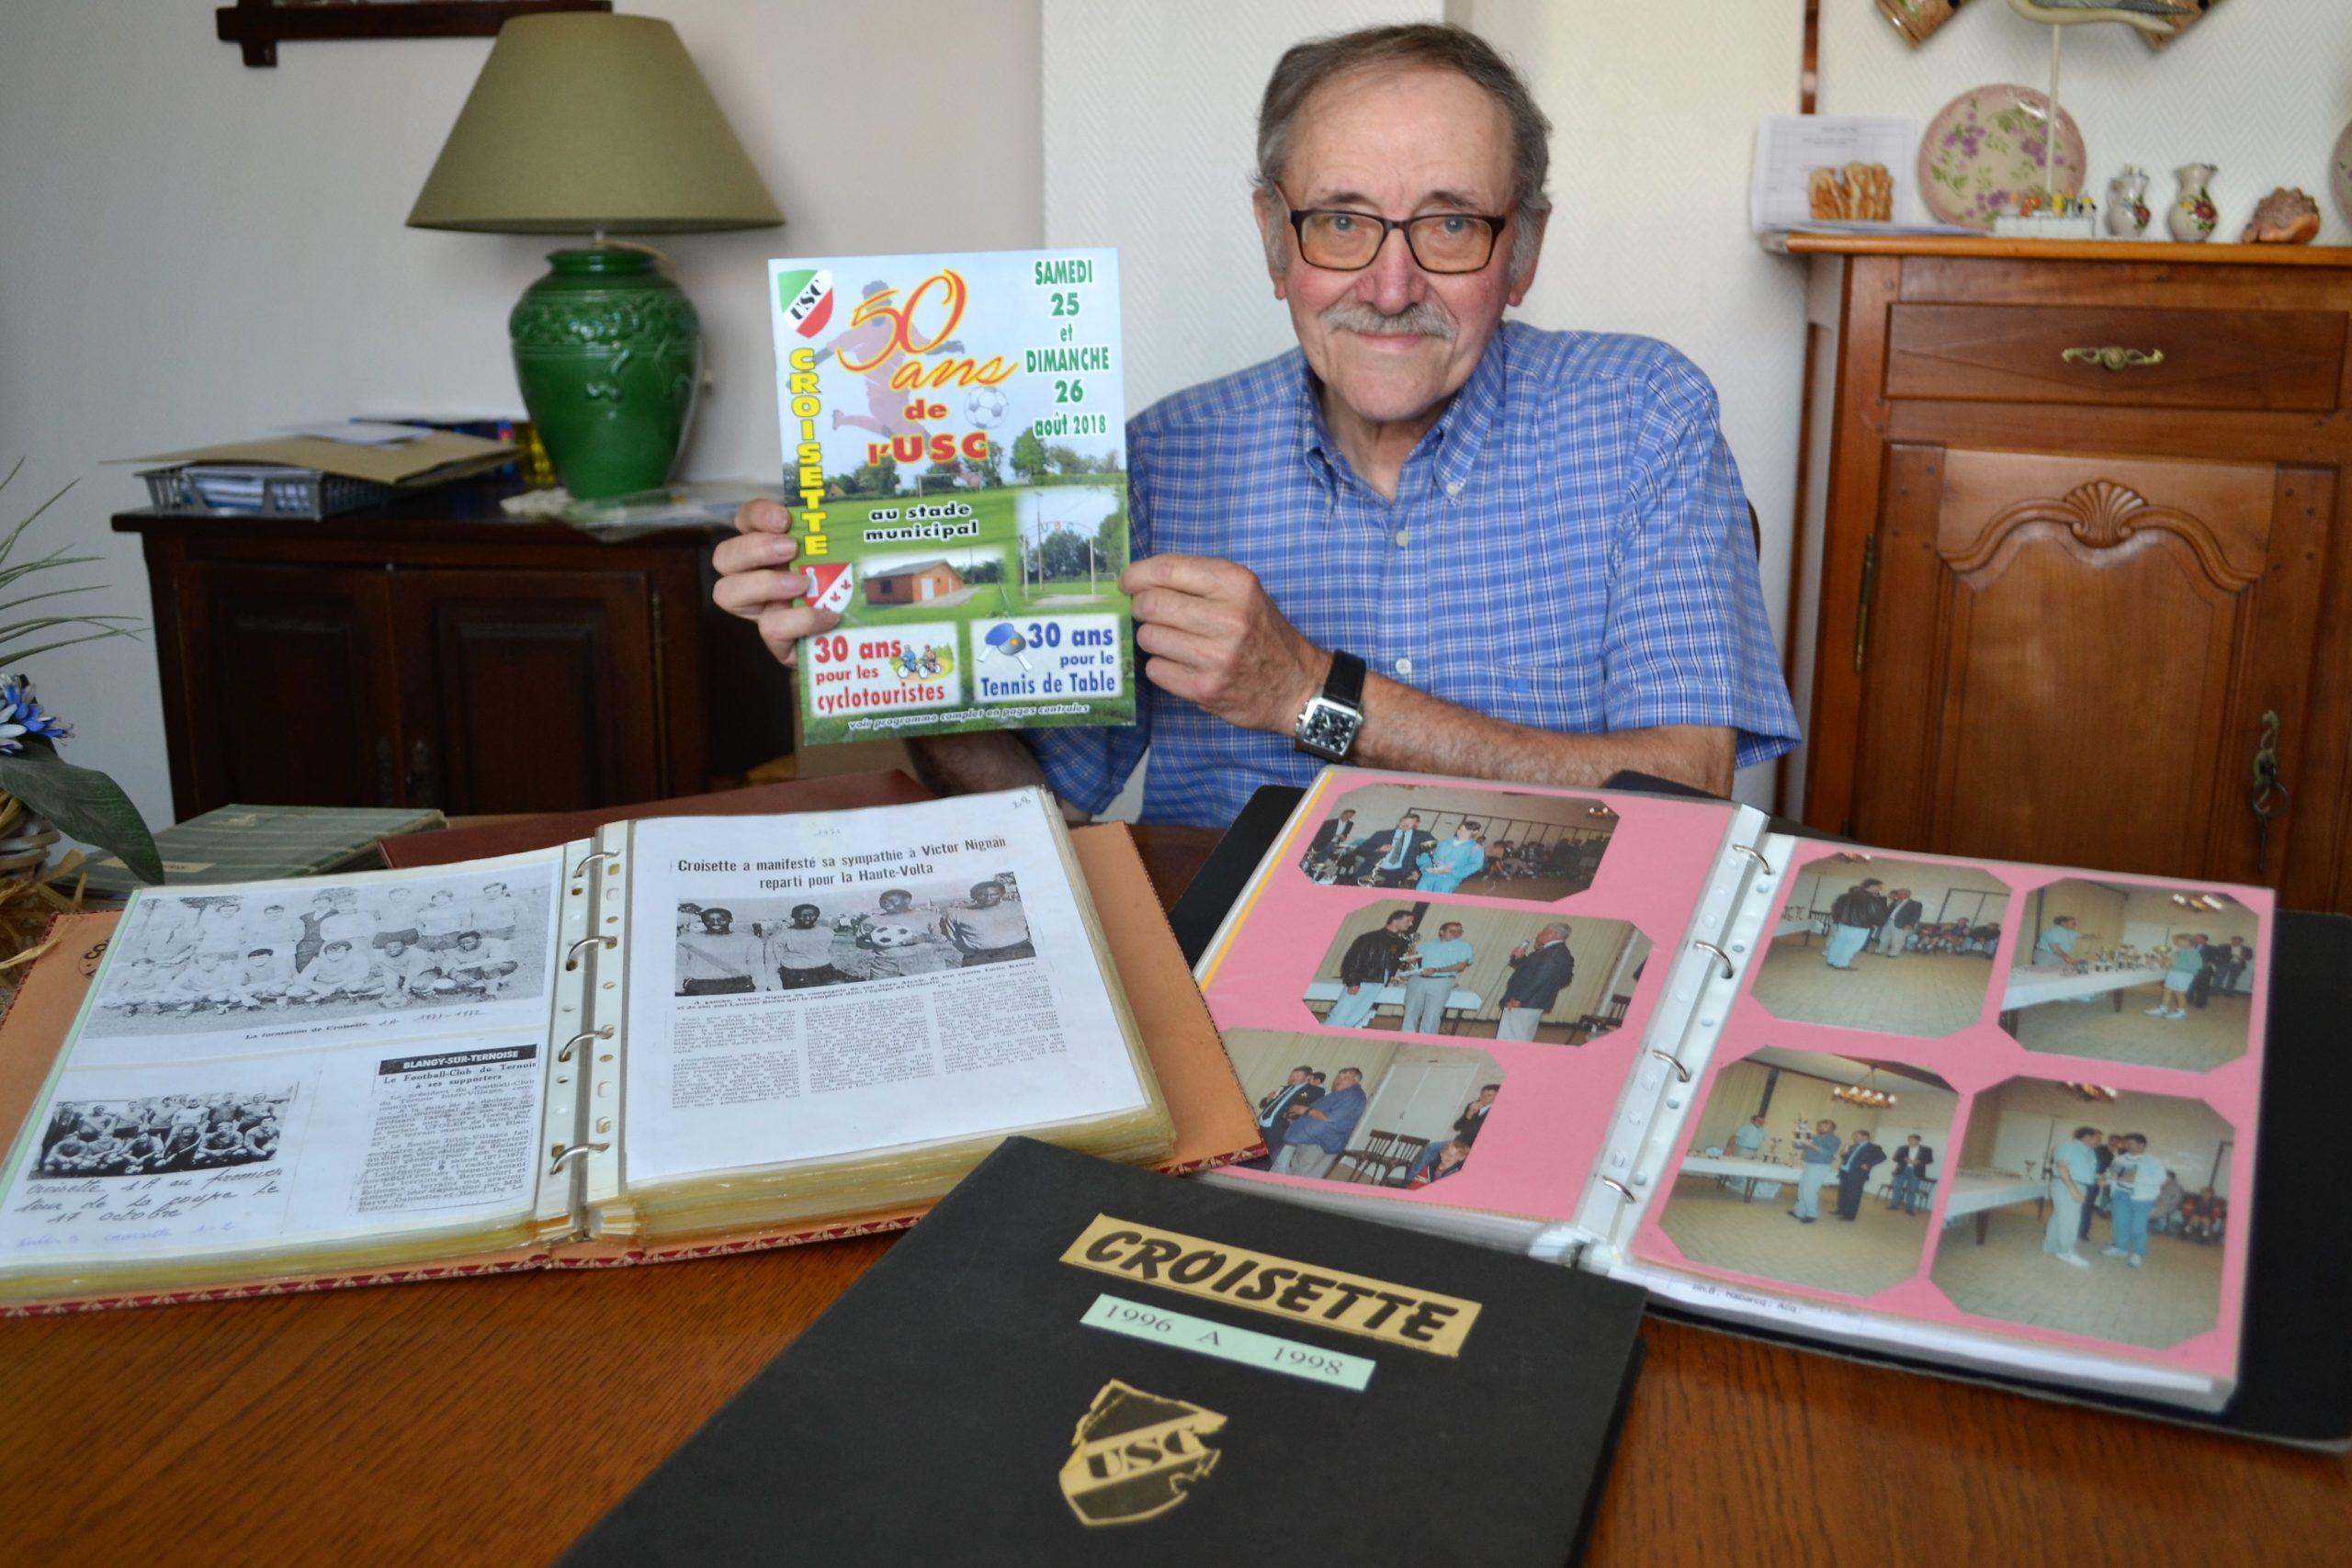 Le glorieux passé de l'US Croisette refait surface pour son cinquantième anniversaire